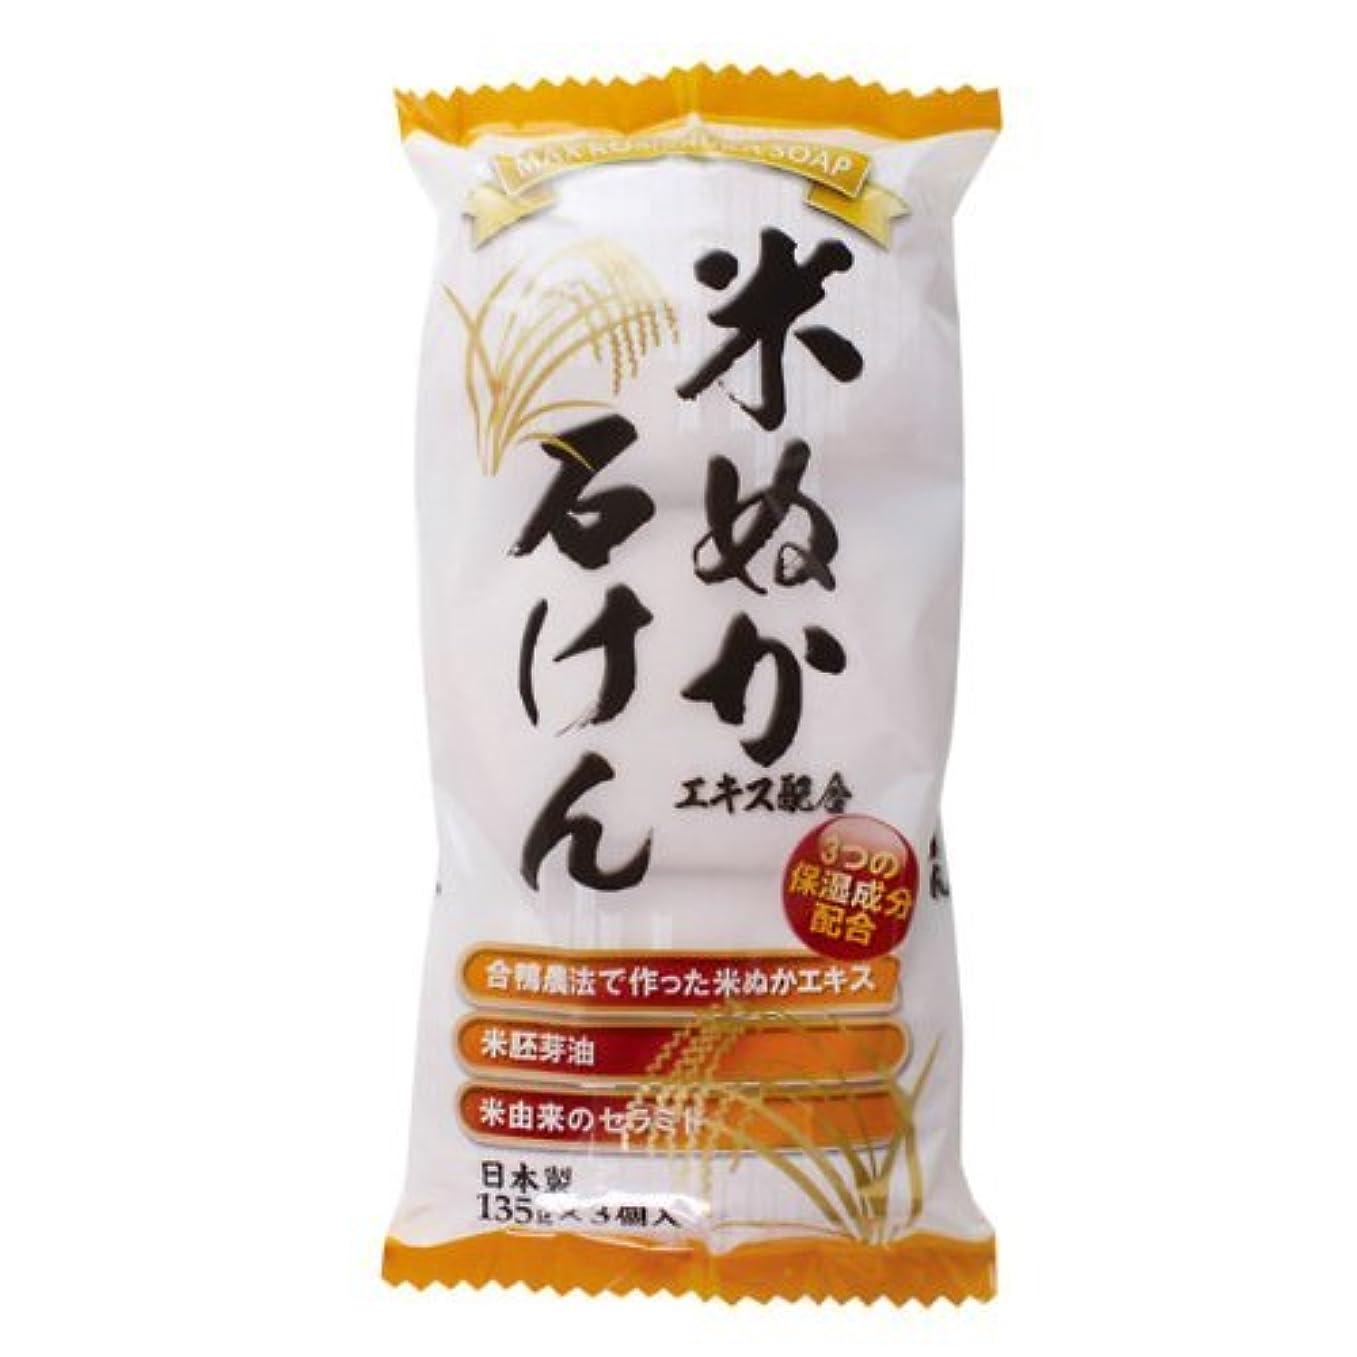 フェードアウト残基清める米ぬかエキス配合石けん 3個入 135g×3個